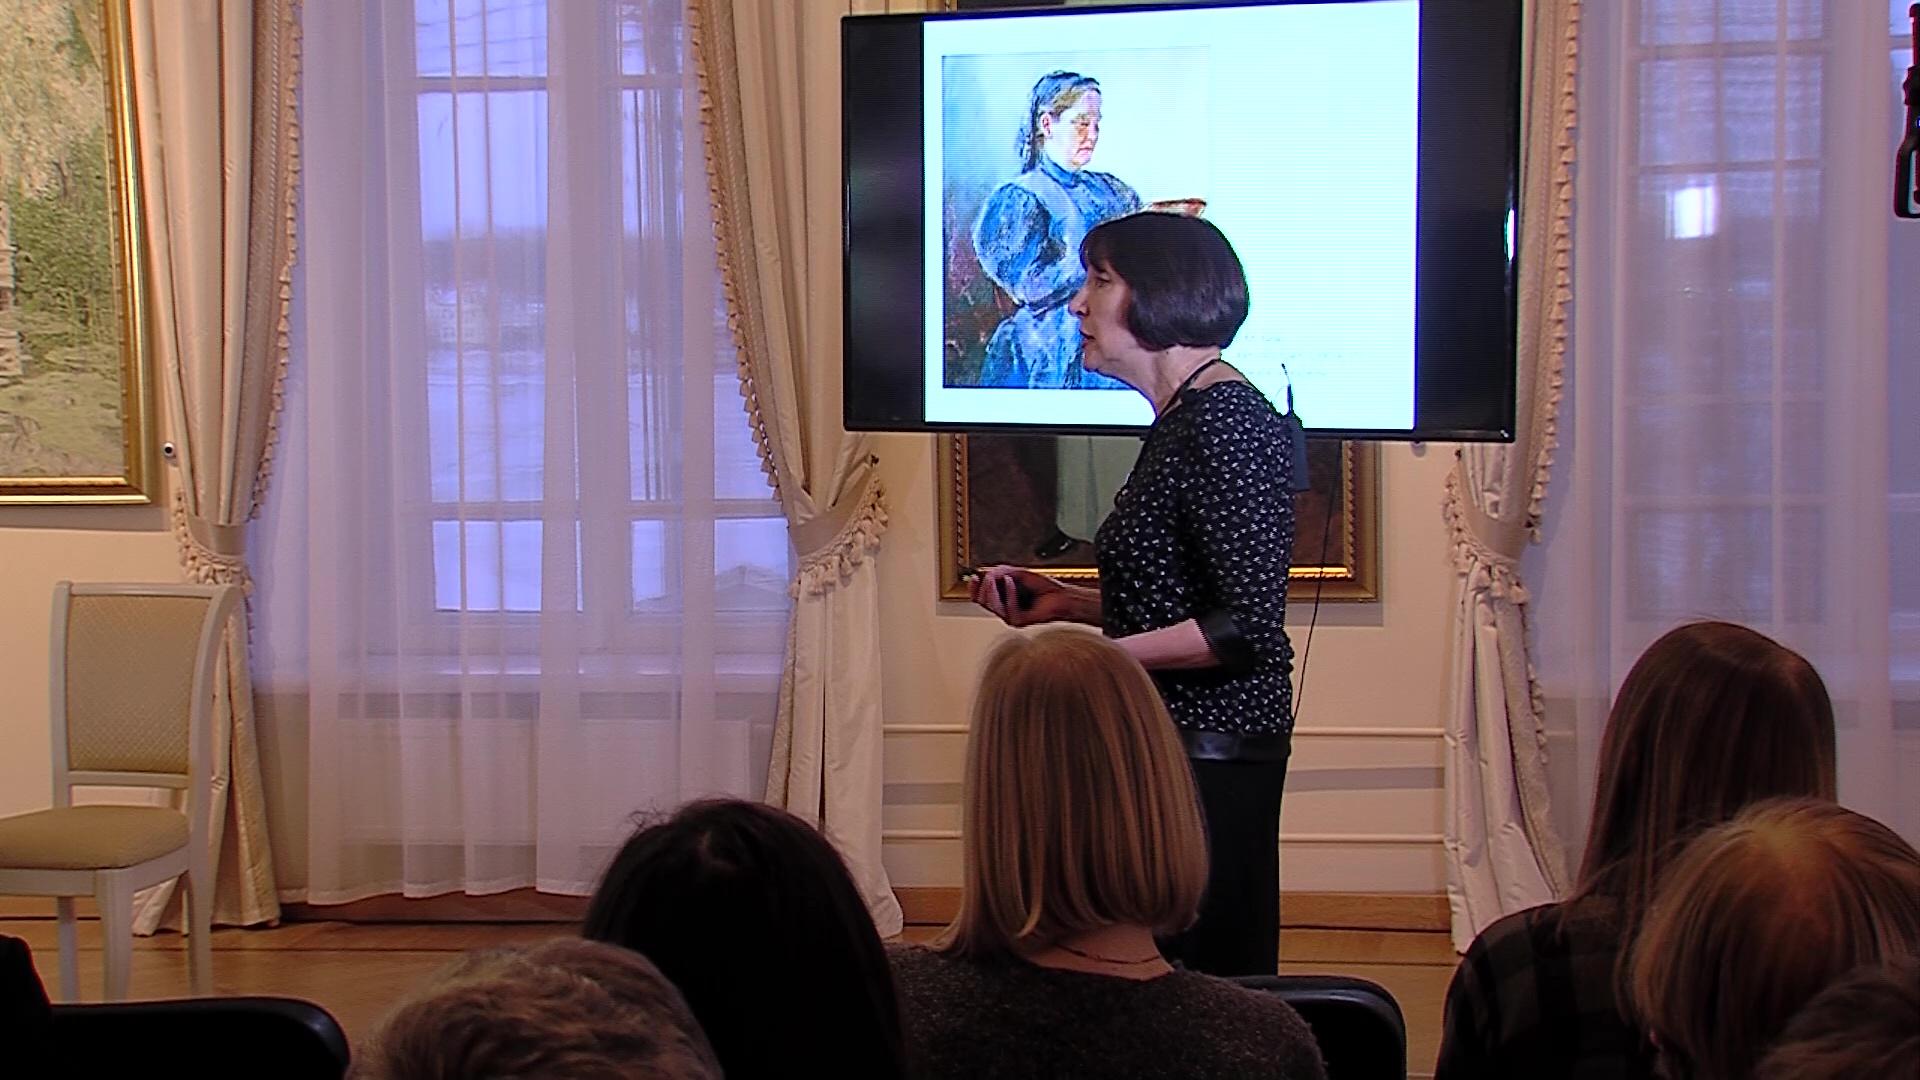 Собрание дворянских мемов: художественный музей получил в дар коллекцию открыток Елизаветы Бём